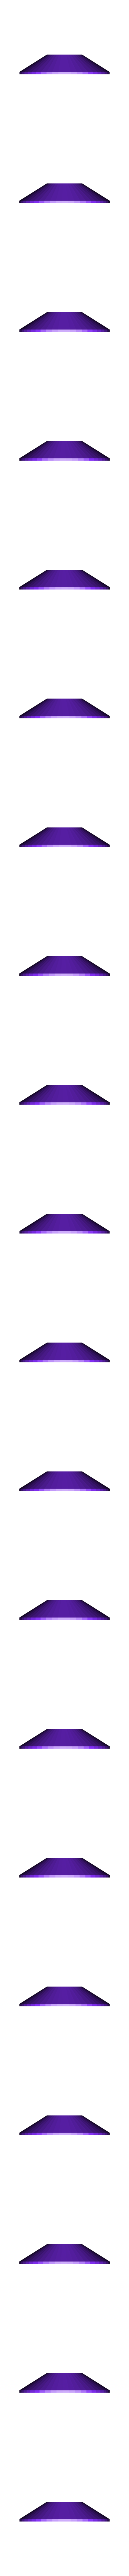 03.stl Download STL file MONAKO RC MODEL BOAT TUG • 3D printable template, maca-artwork